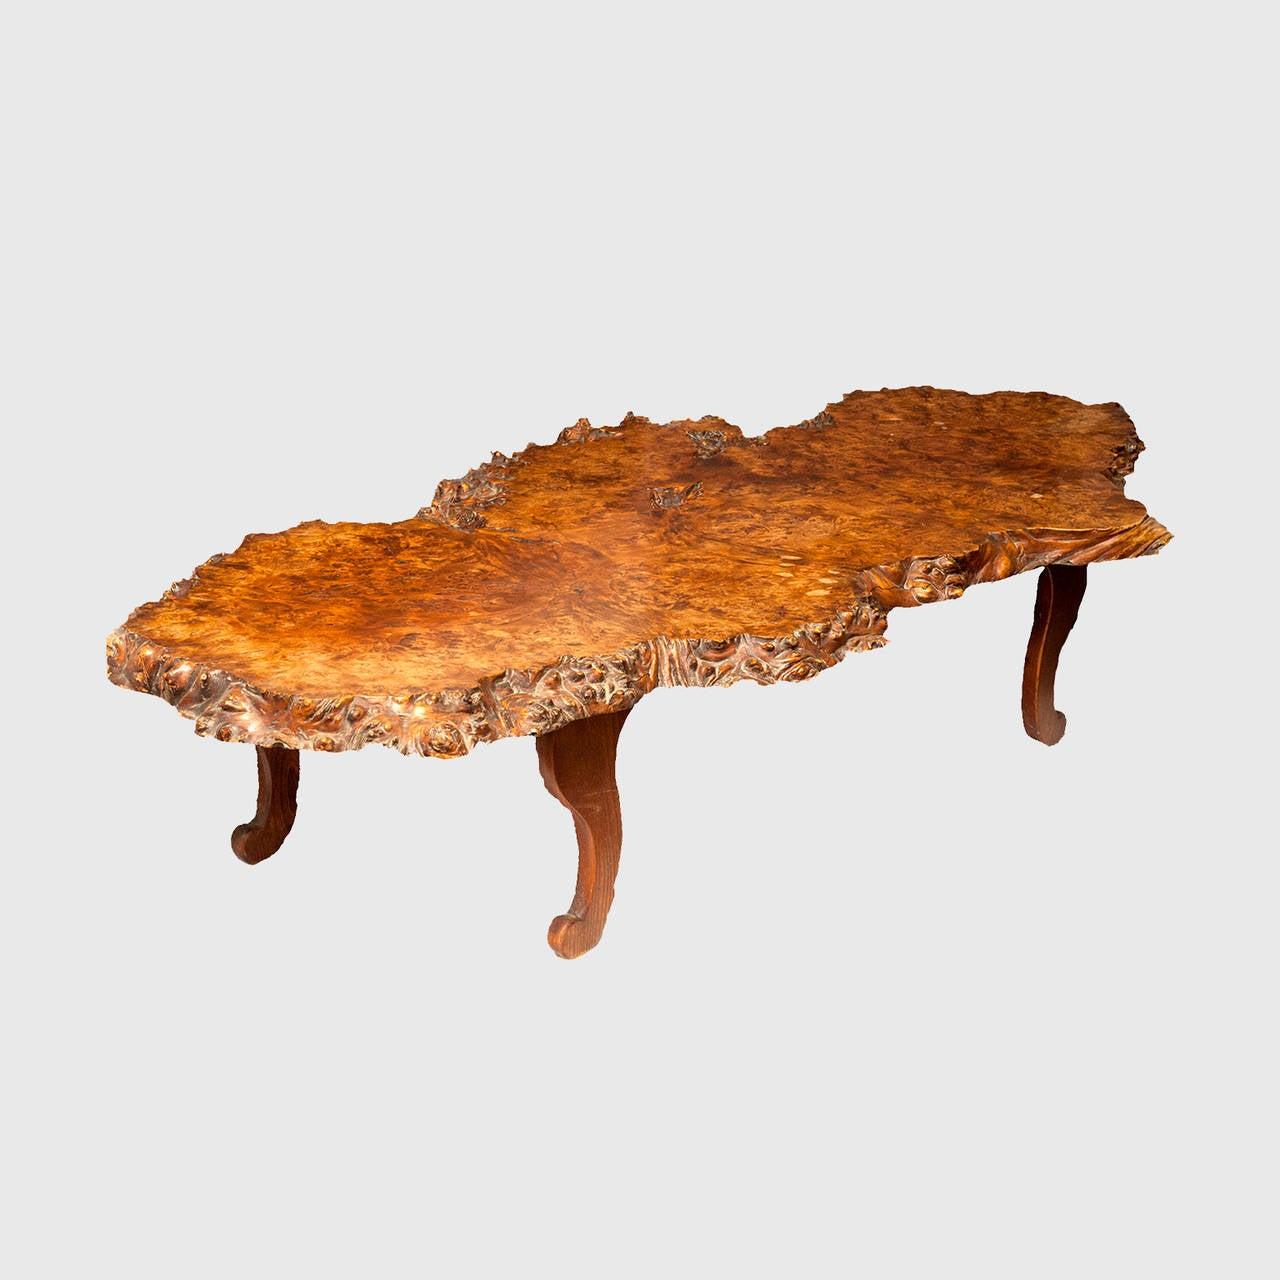 Vintage Burl Wood Slab Coffee Table At 1stdibs: Antique Solid Burl Redwood Coffee Table At 1stdibs